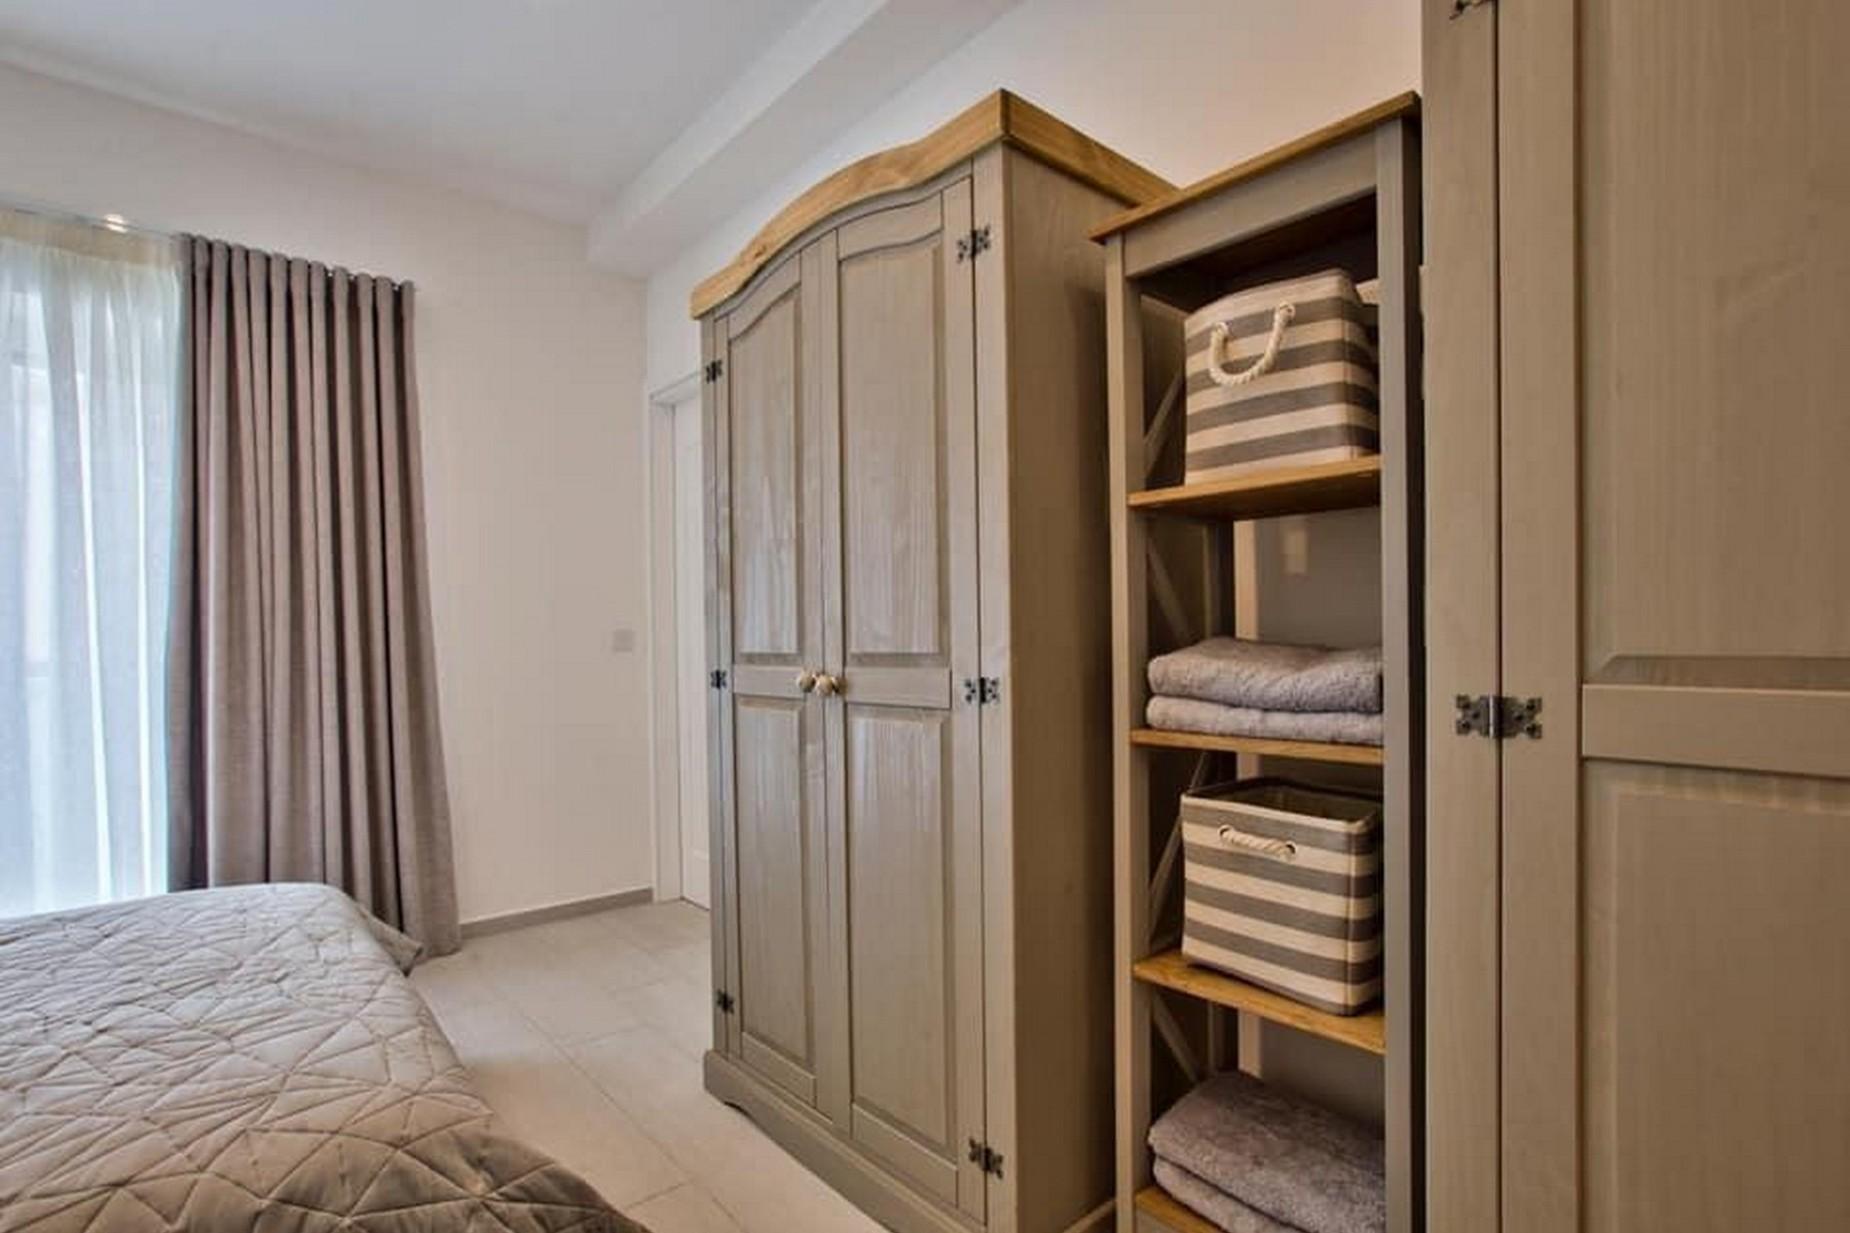 3 bed Apartment For Rent in San Gwann, San Gwann - thumb 10